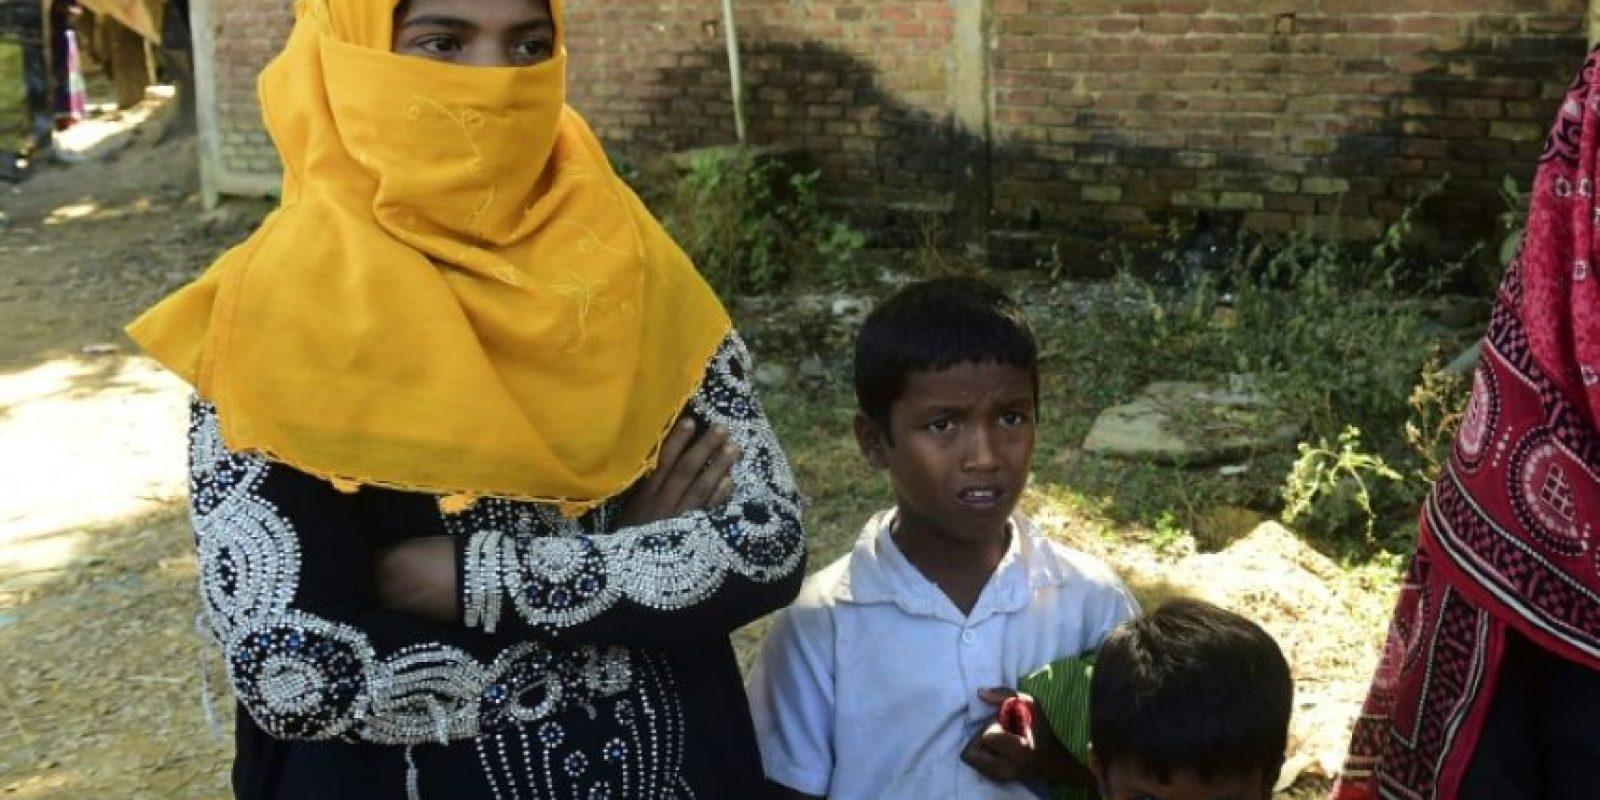 Noor Sahara, una niña rohingya de seis años, su vecina Roshida y el sobrino de esta posan cerca de un campamento de refugiados en Teknaf, al sur del distrito de Cox's Bazar, Bangladés, el 23 de noviembre de 2016 Foto:Munir Uz Zaman/afp.com